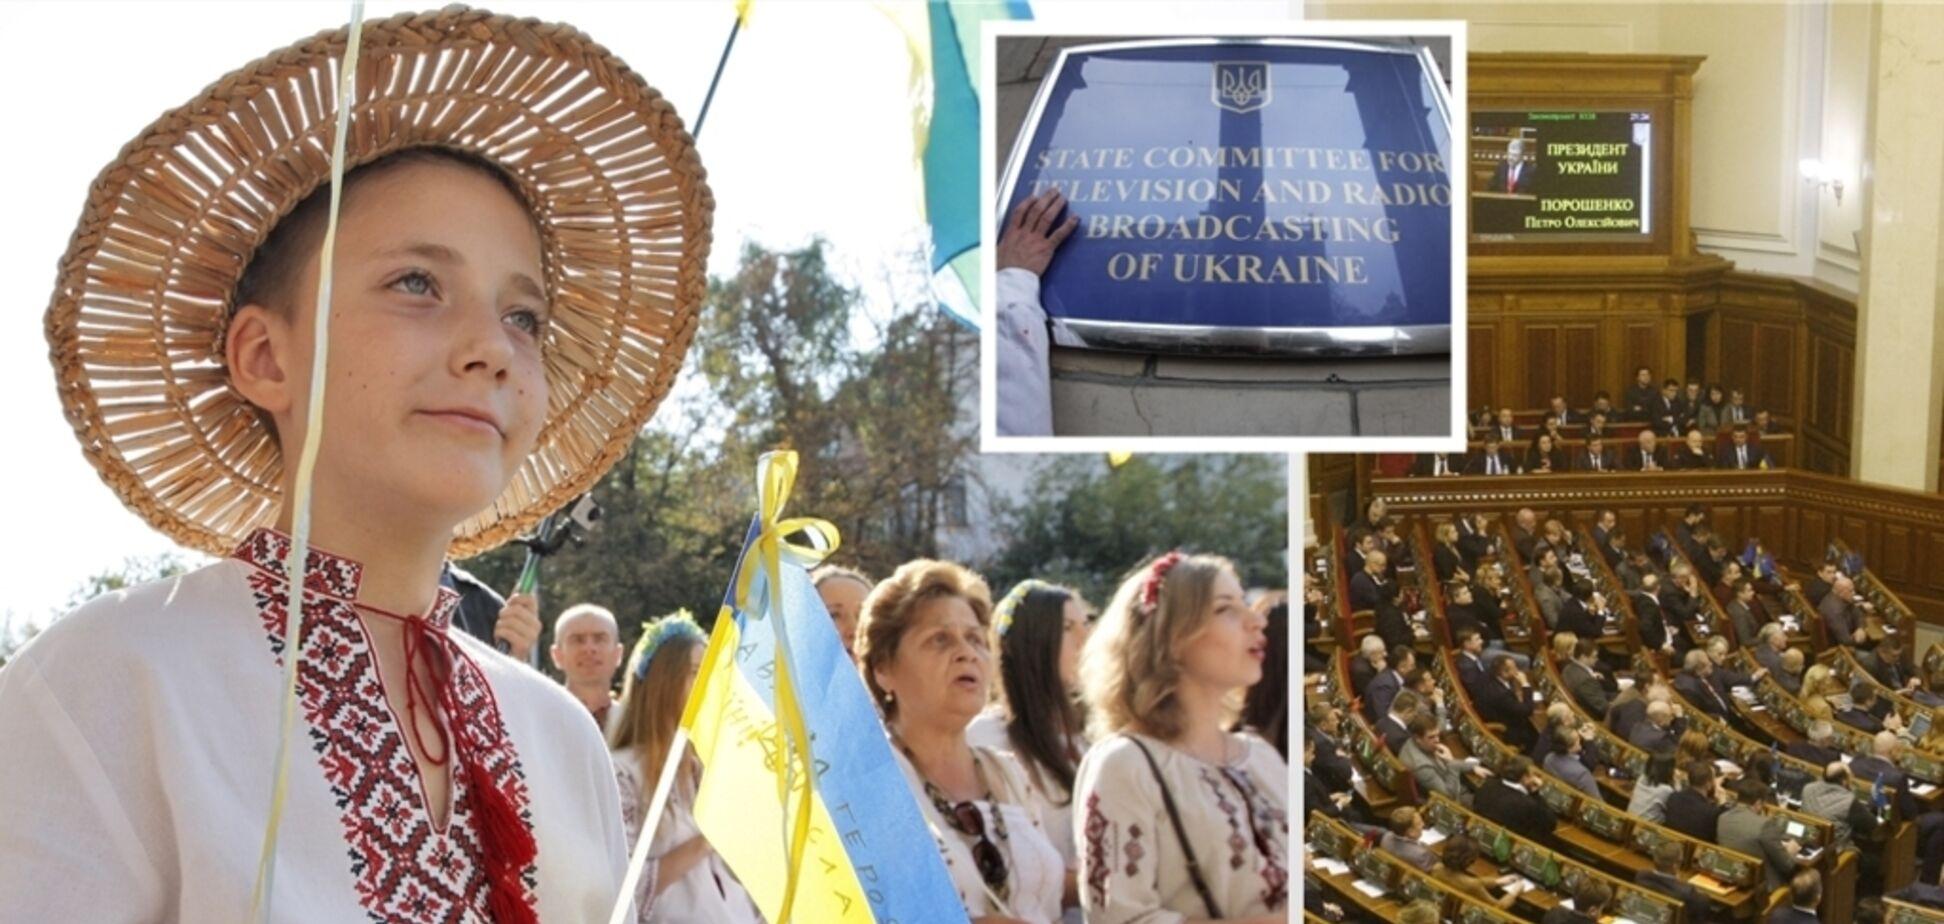 Тотальная украинизация на подходе: что изменится и кого накажут